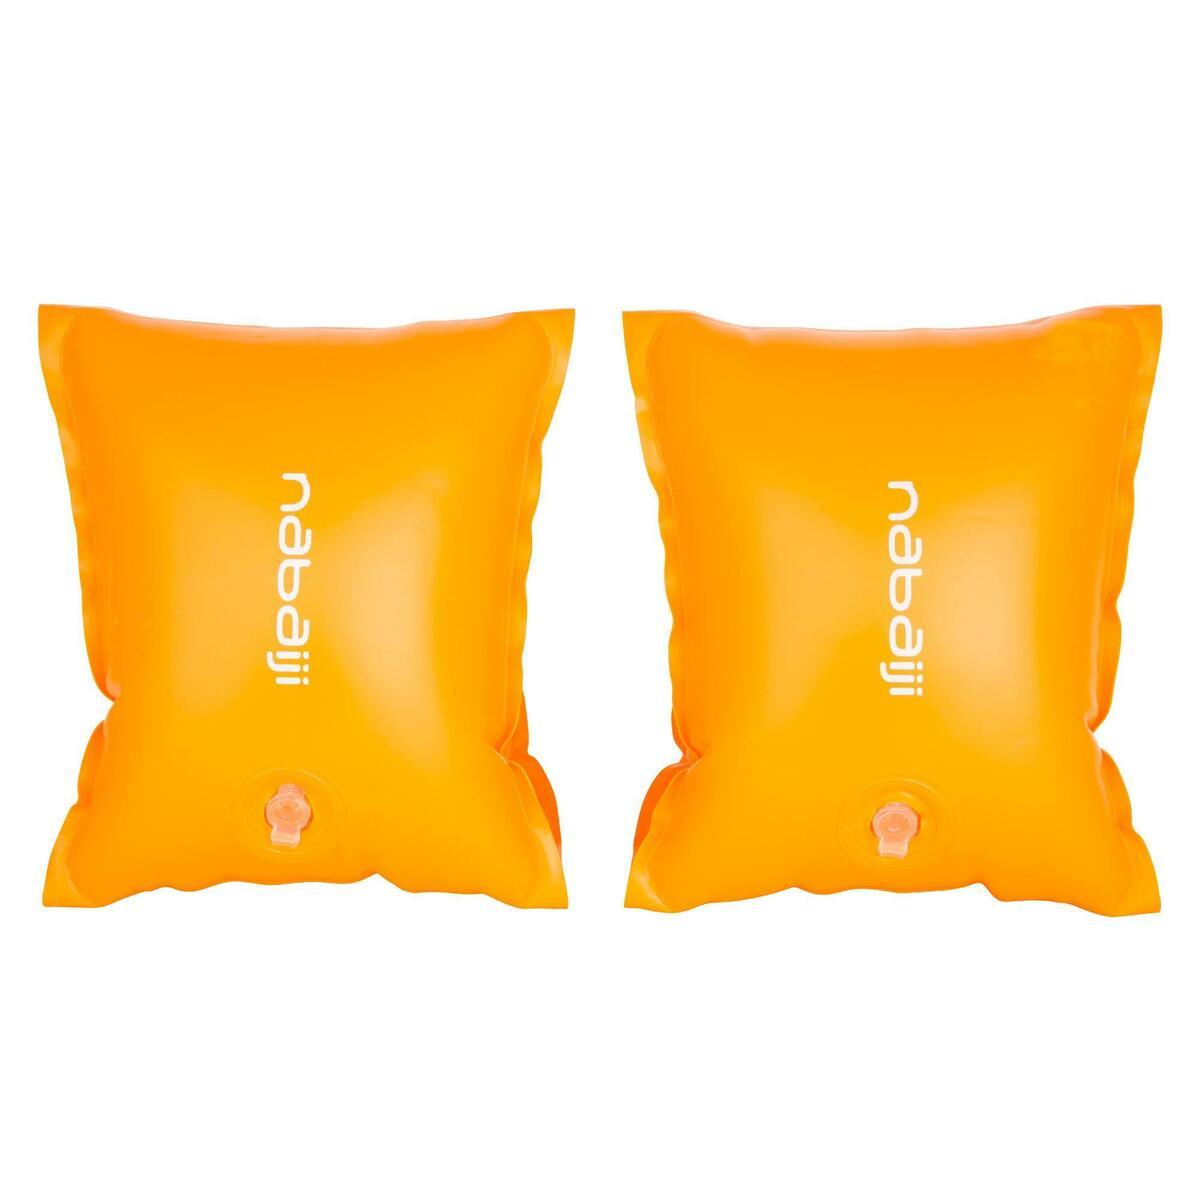 Bild 1 von Schwimmflügel Kinder 3060 kg orange